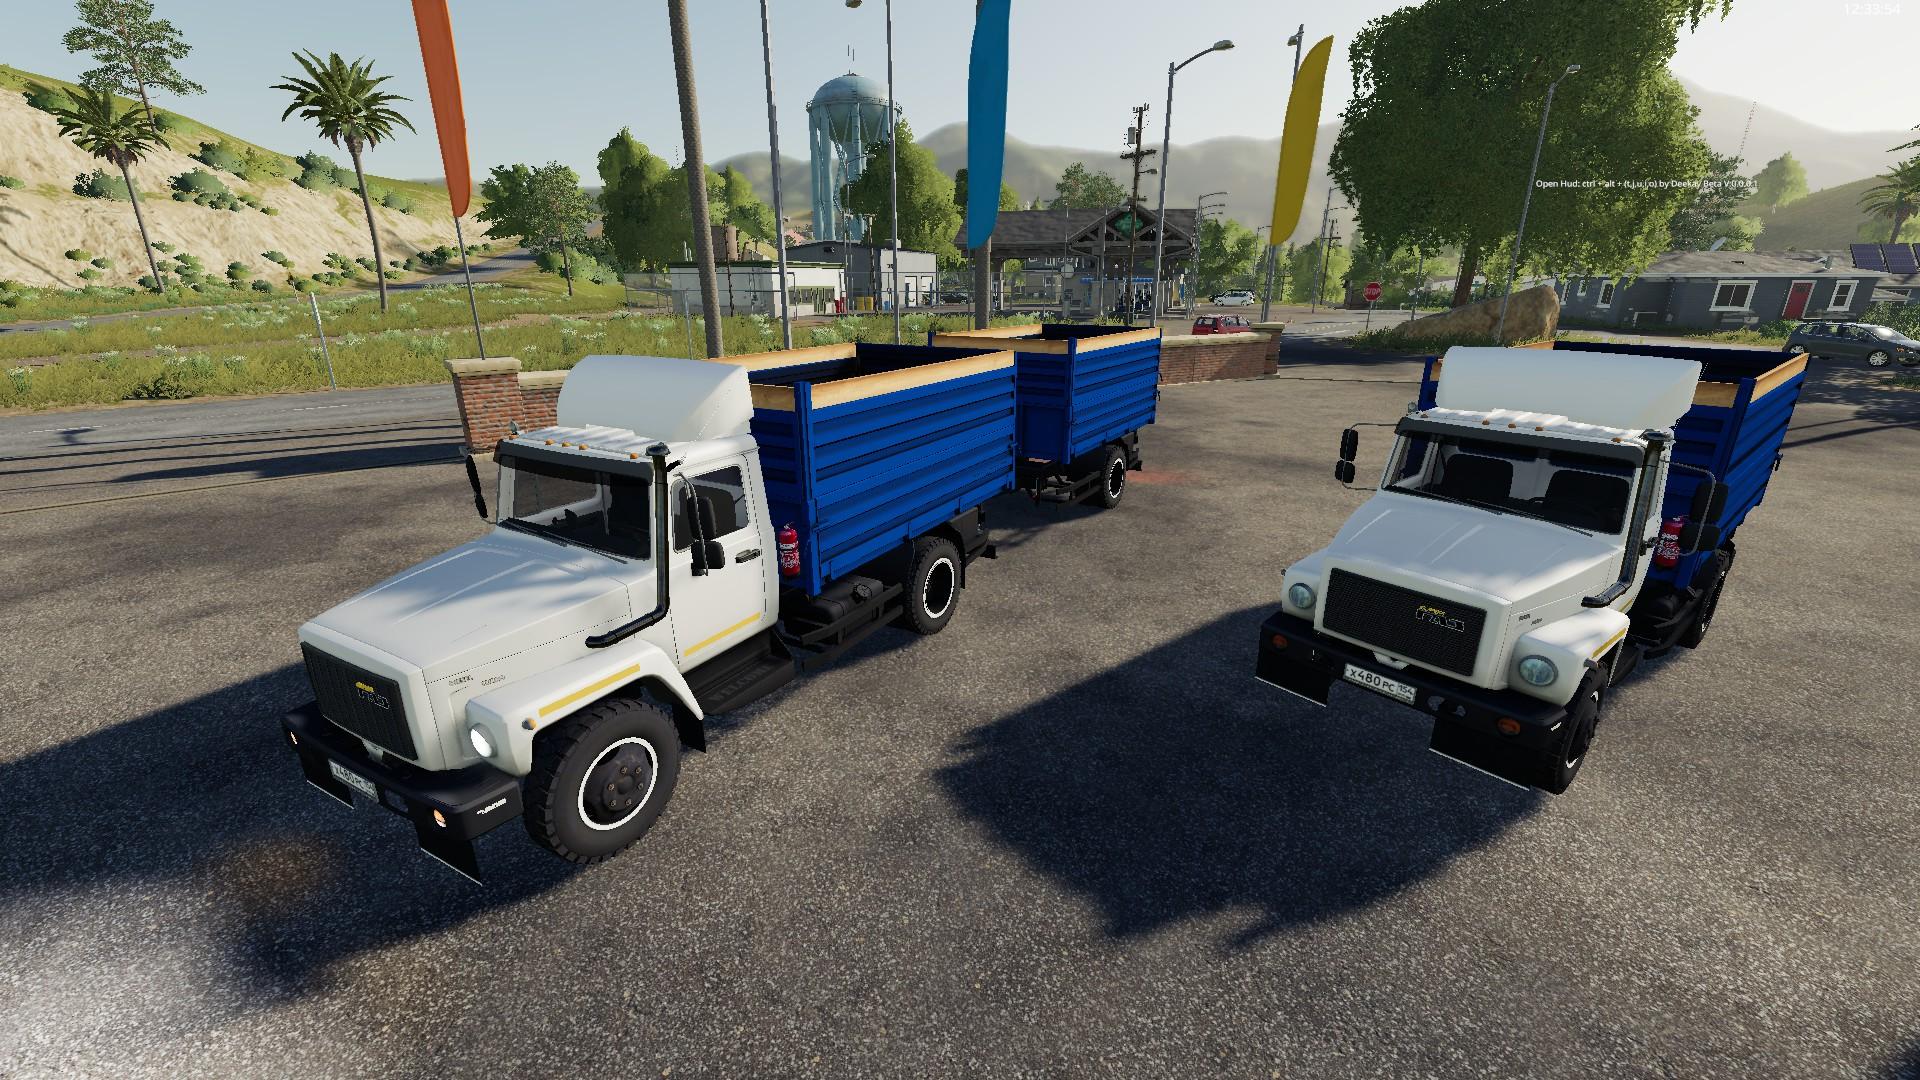 ГАЗ-35071 И САЗ-83173 V1.1 для Farming Simulator 2019